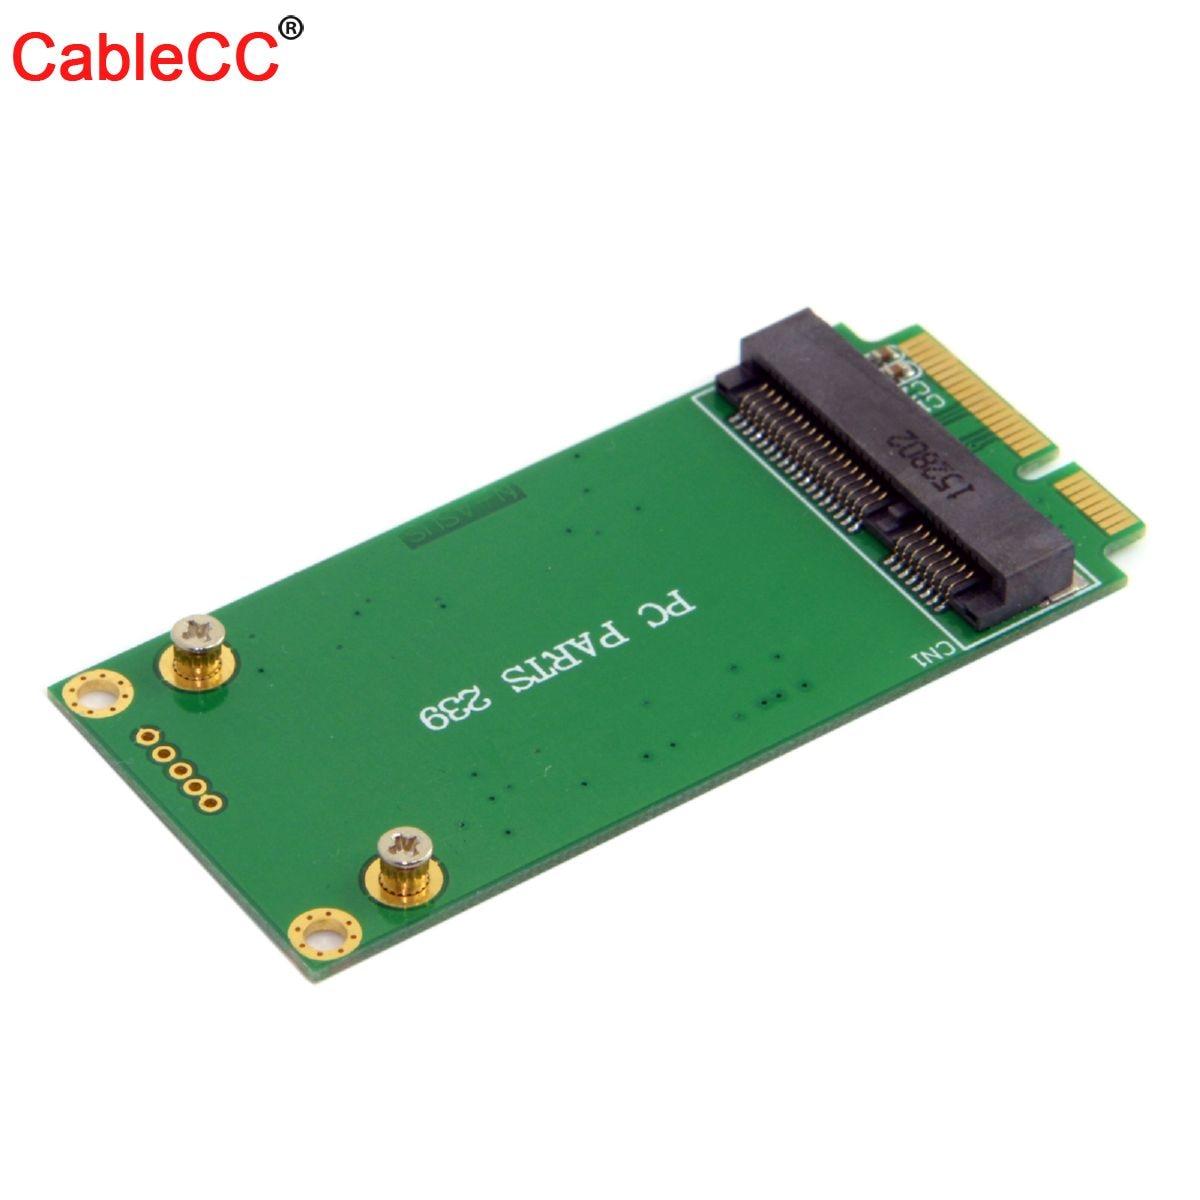 Cablecc 3x5cm mSATA adaptador de Tarjeta 3x7cm Mini PCI-E SATA SSD para Asus Eee PC 1000 S101 900 901 900A T91